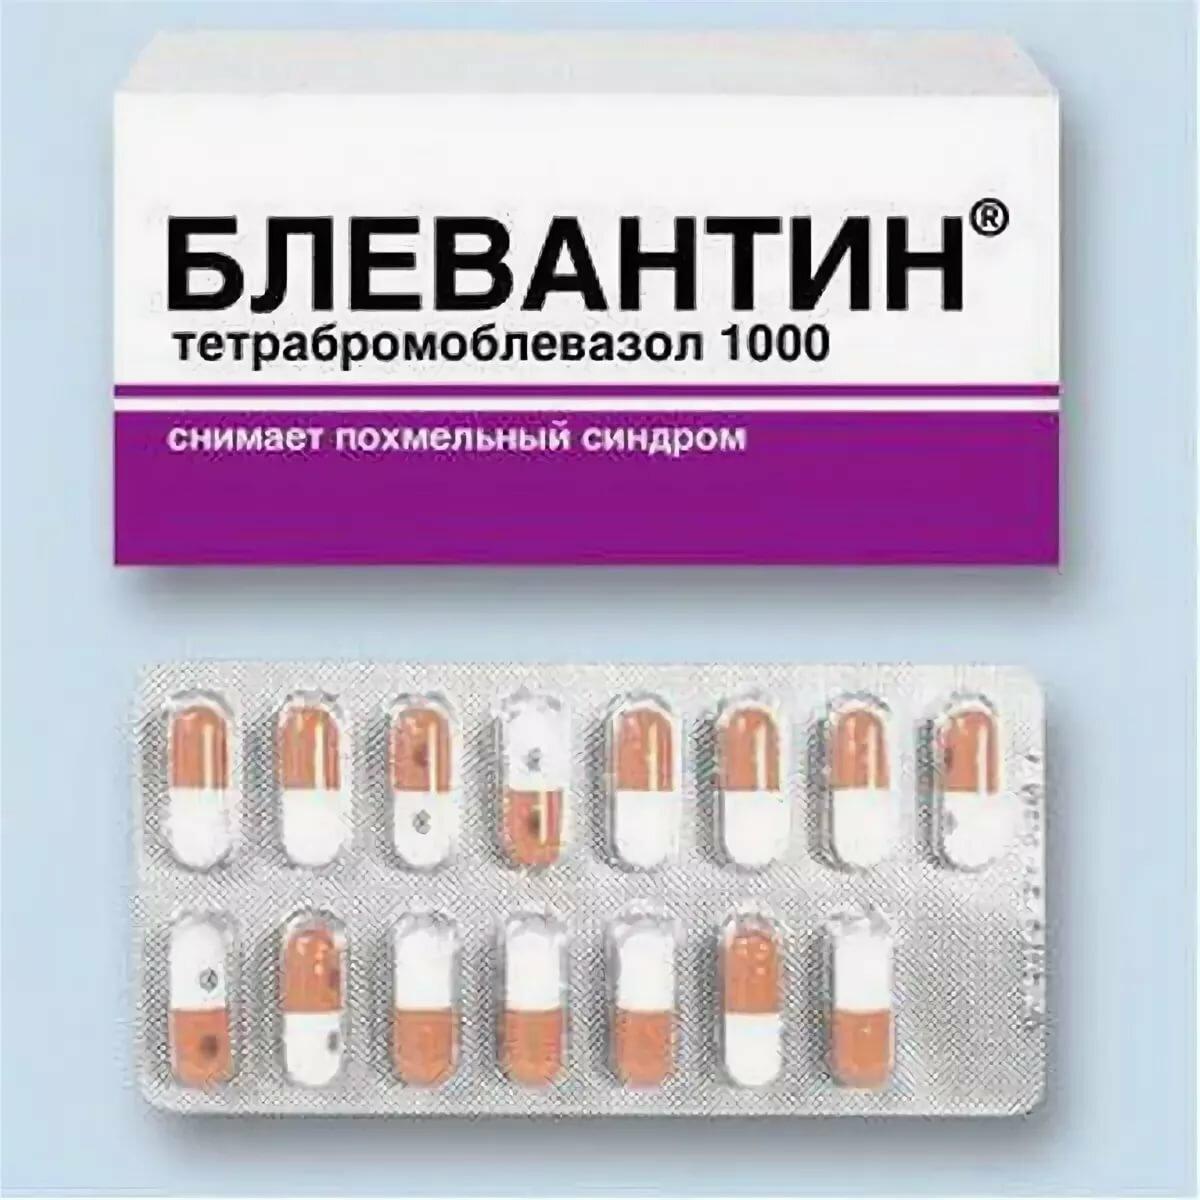 Смс, картинки таблеток и лекарств смешные